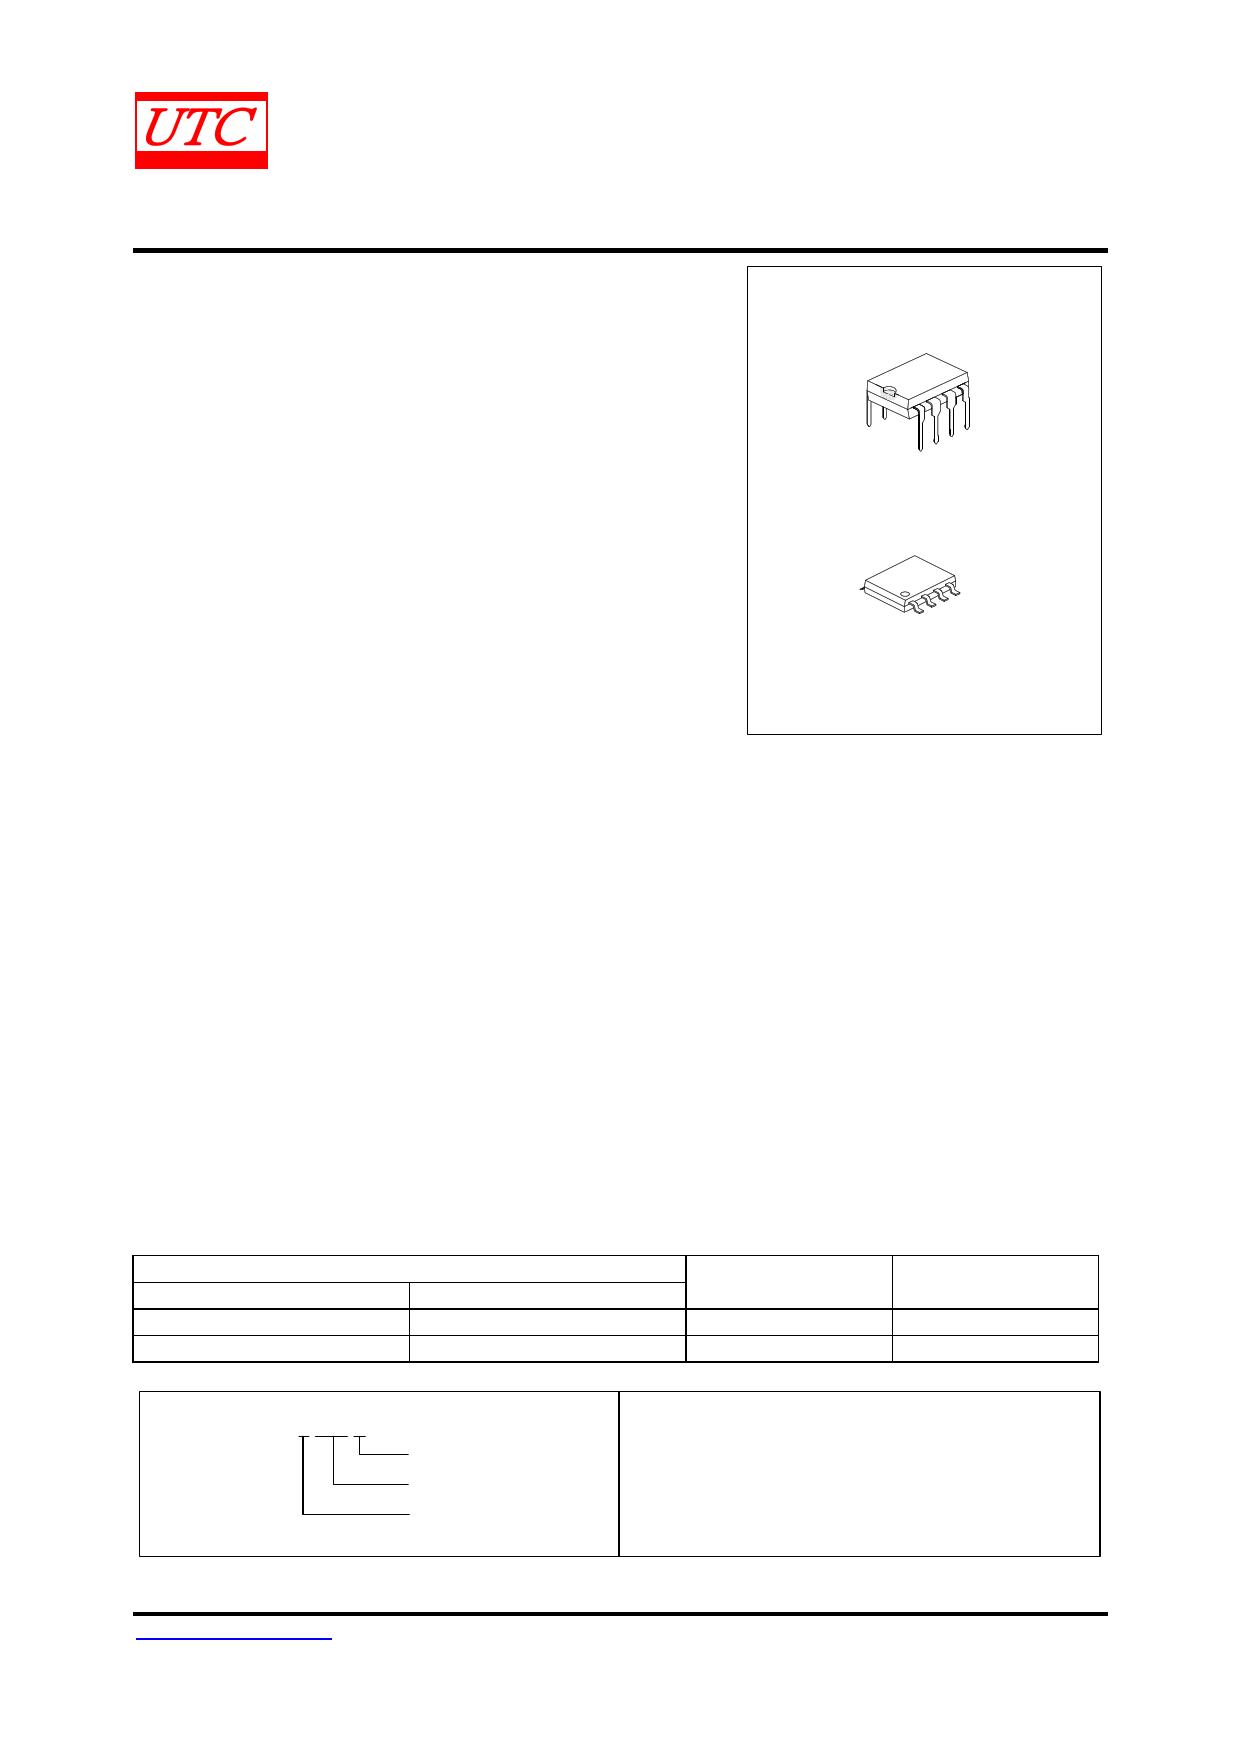 US3651 datasheet